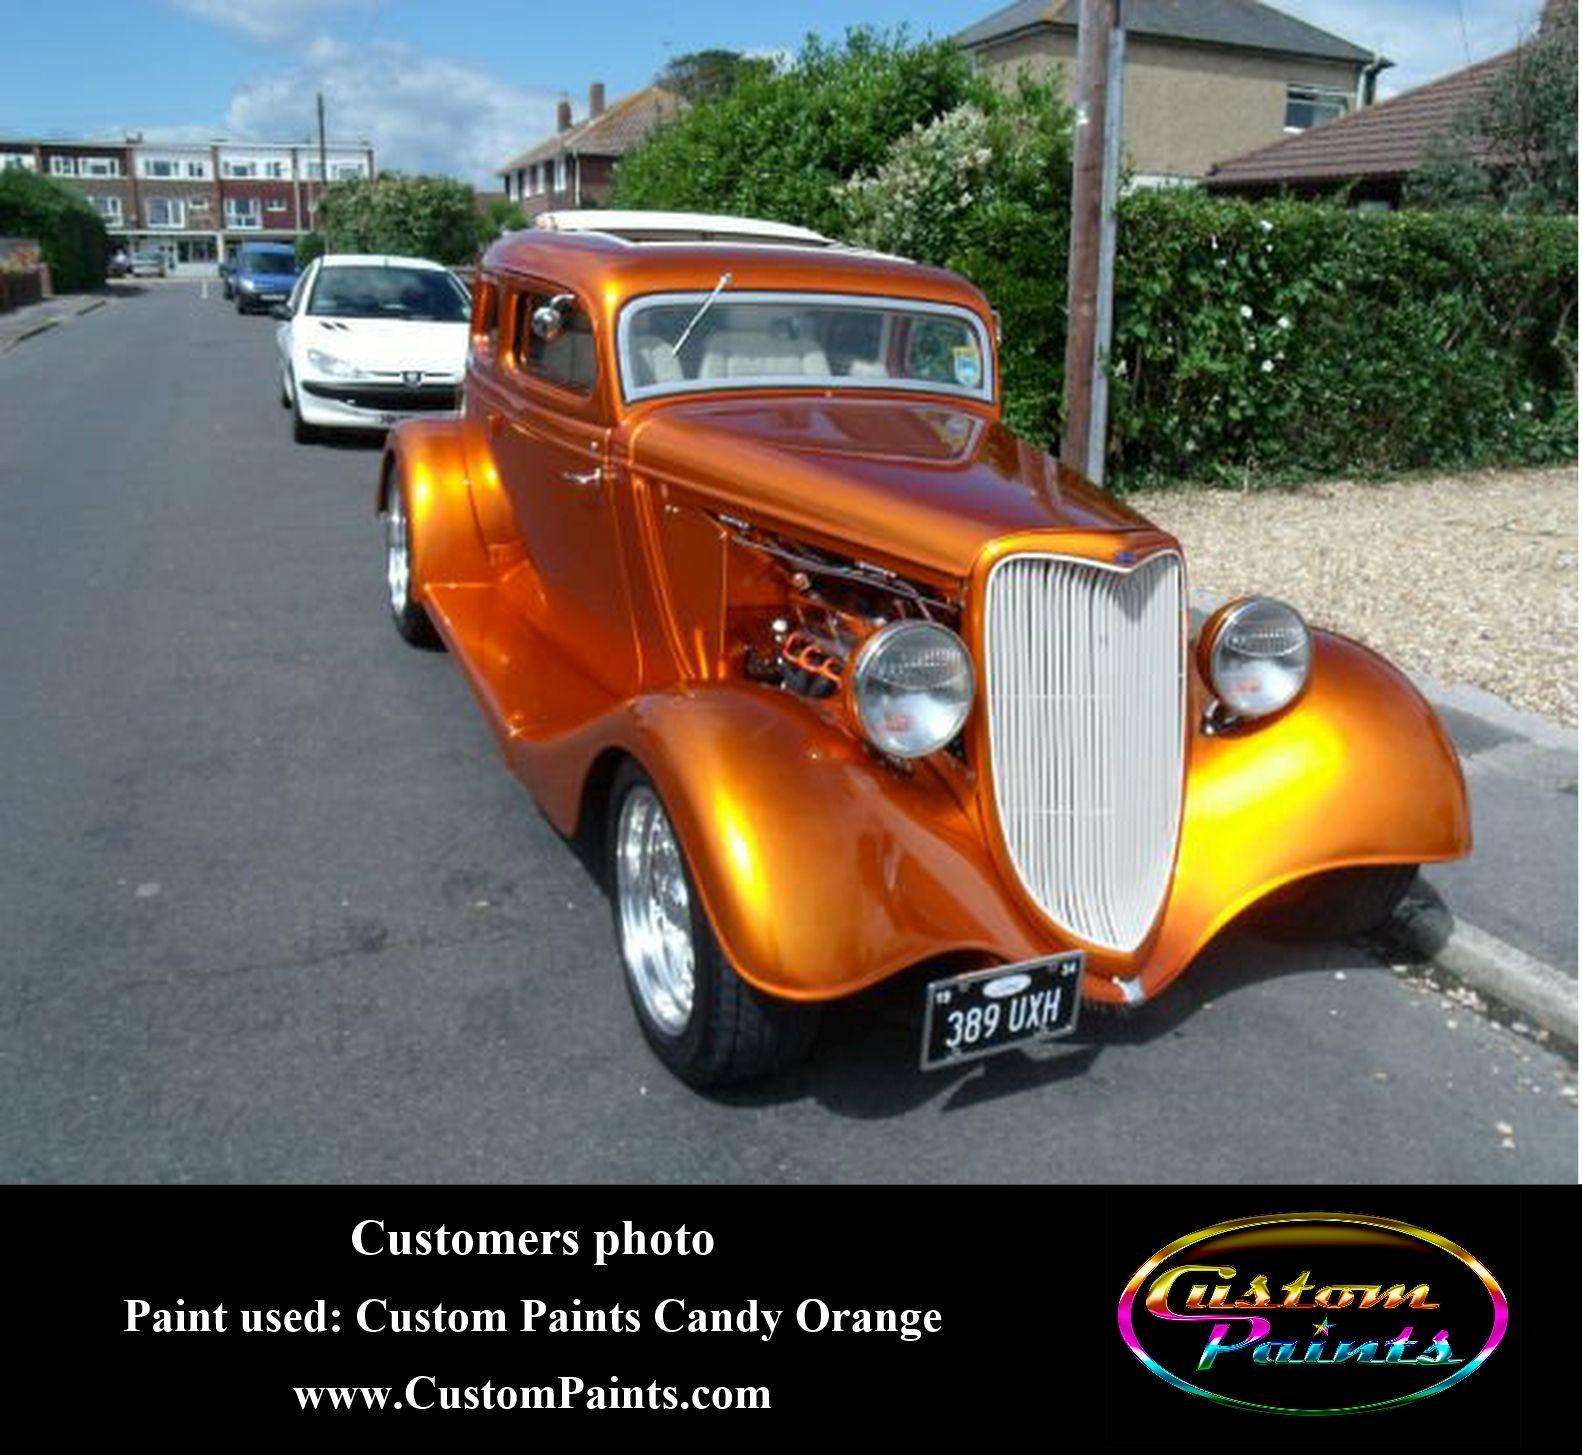 Customer\'s Hotrod in Custom Paints Candy Orange www.CustomPaints ...